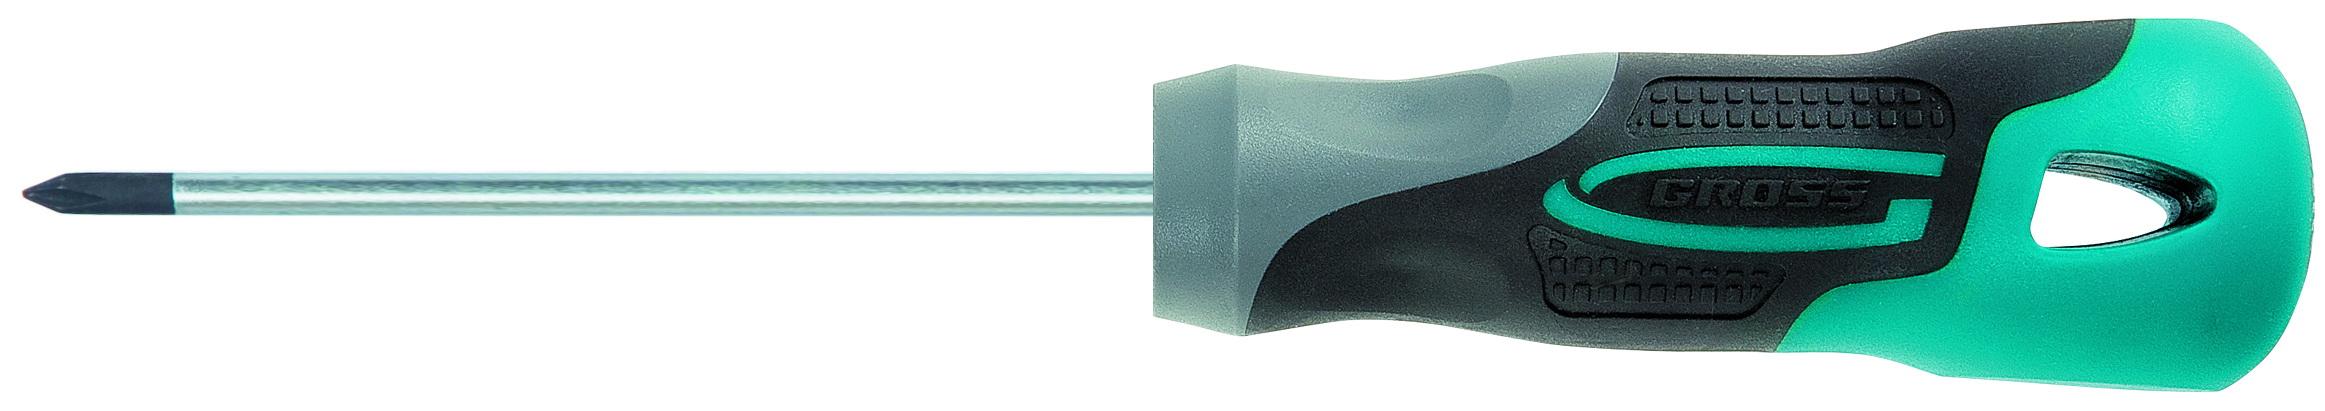 Отвертка крестовая Gross Pz0 x 75 мм отвертка pz3x150 мм gross 12163